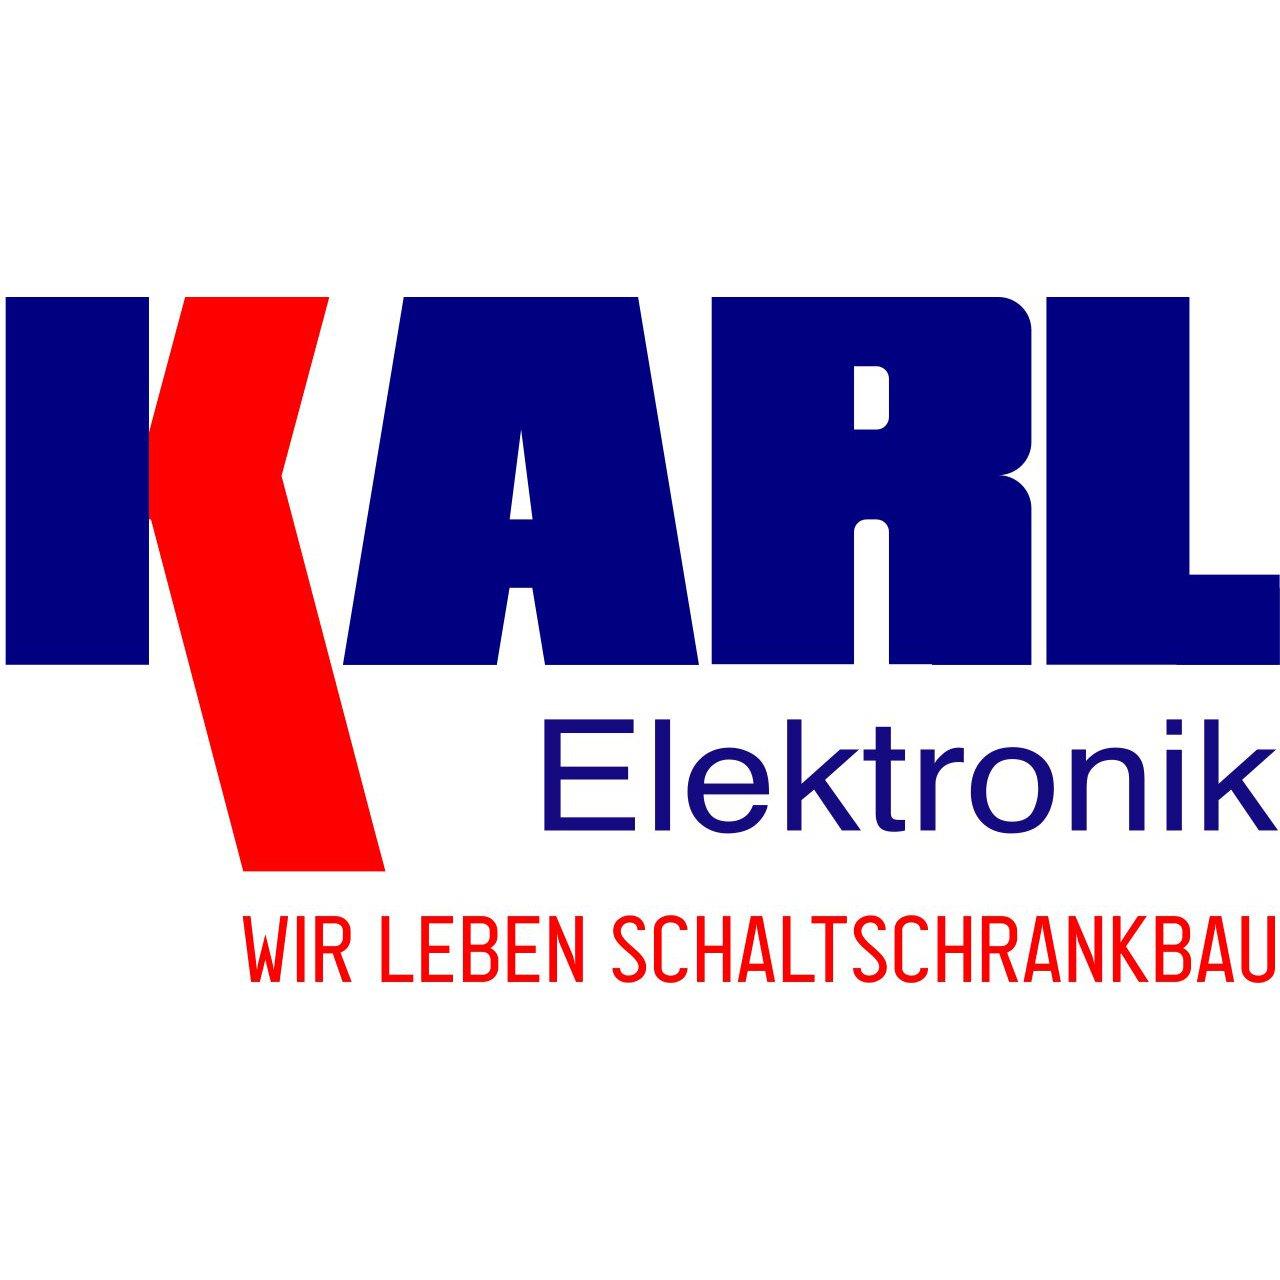 Karl Elektronikbau GmbH